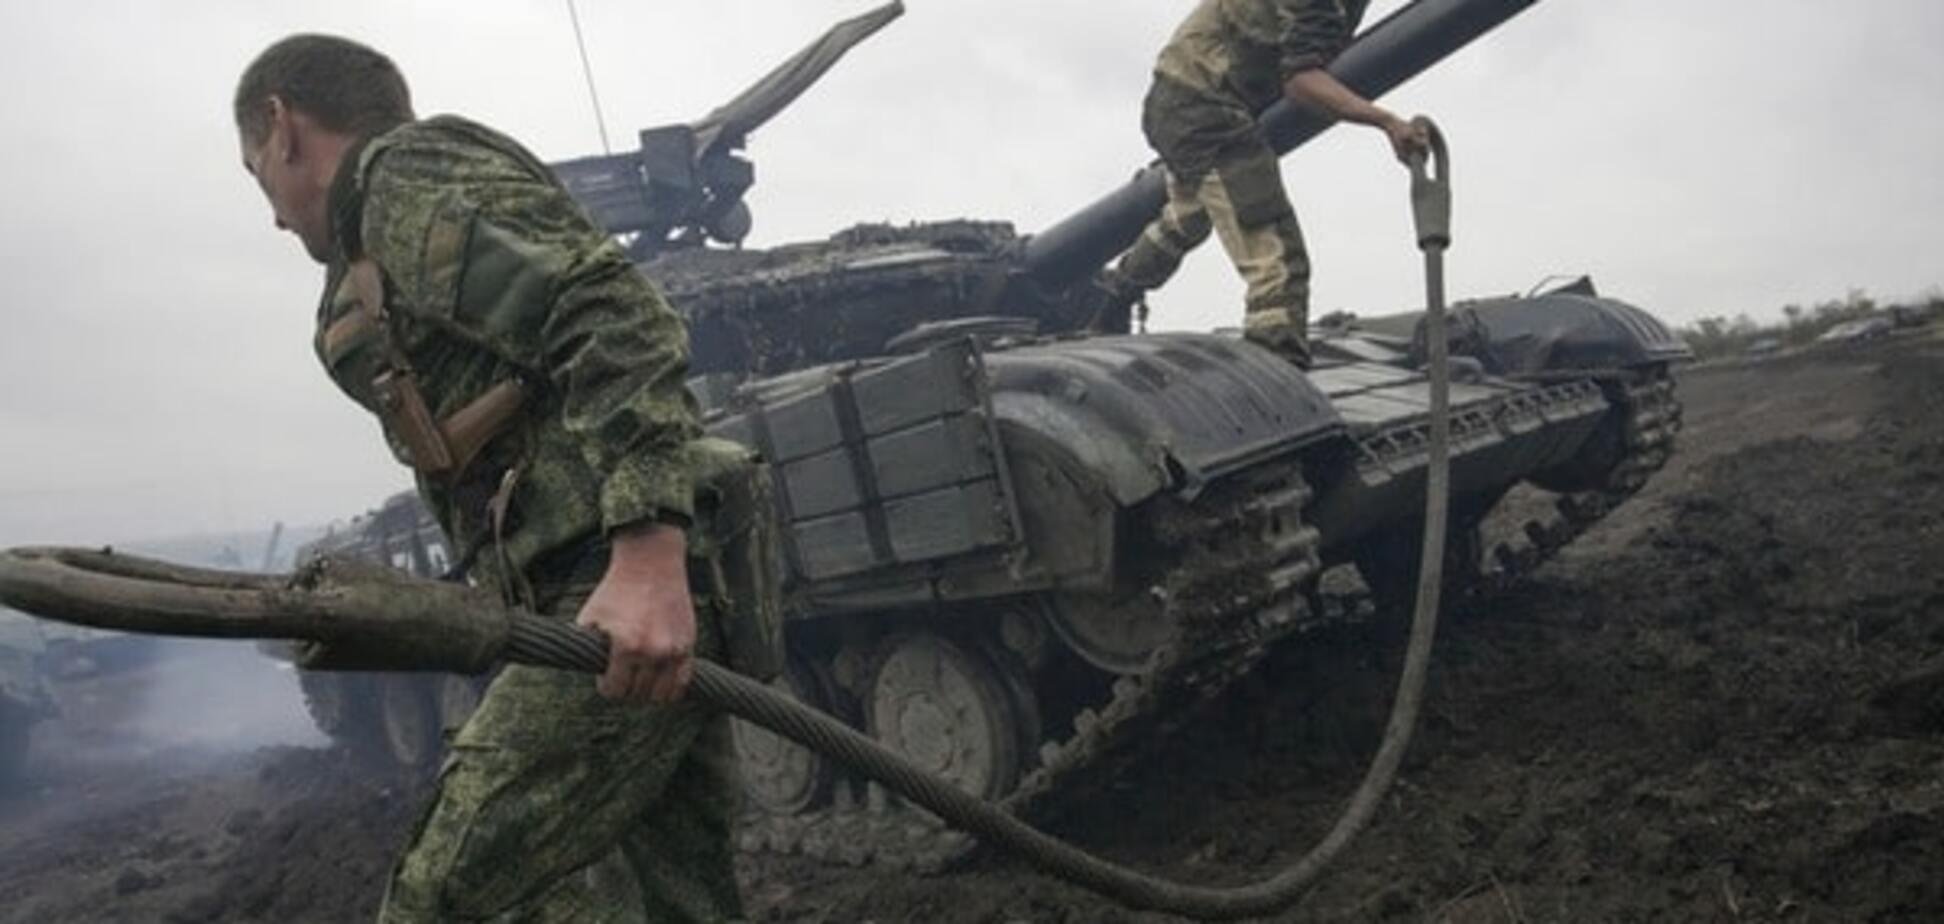 Терористи з кулеметів атакували бійців АТО поблизу Луганського